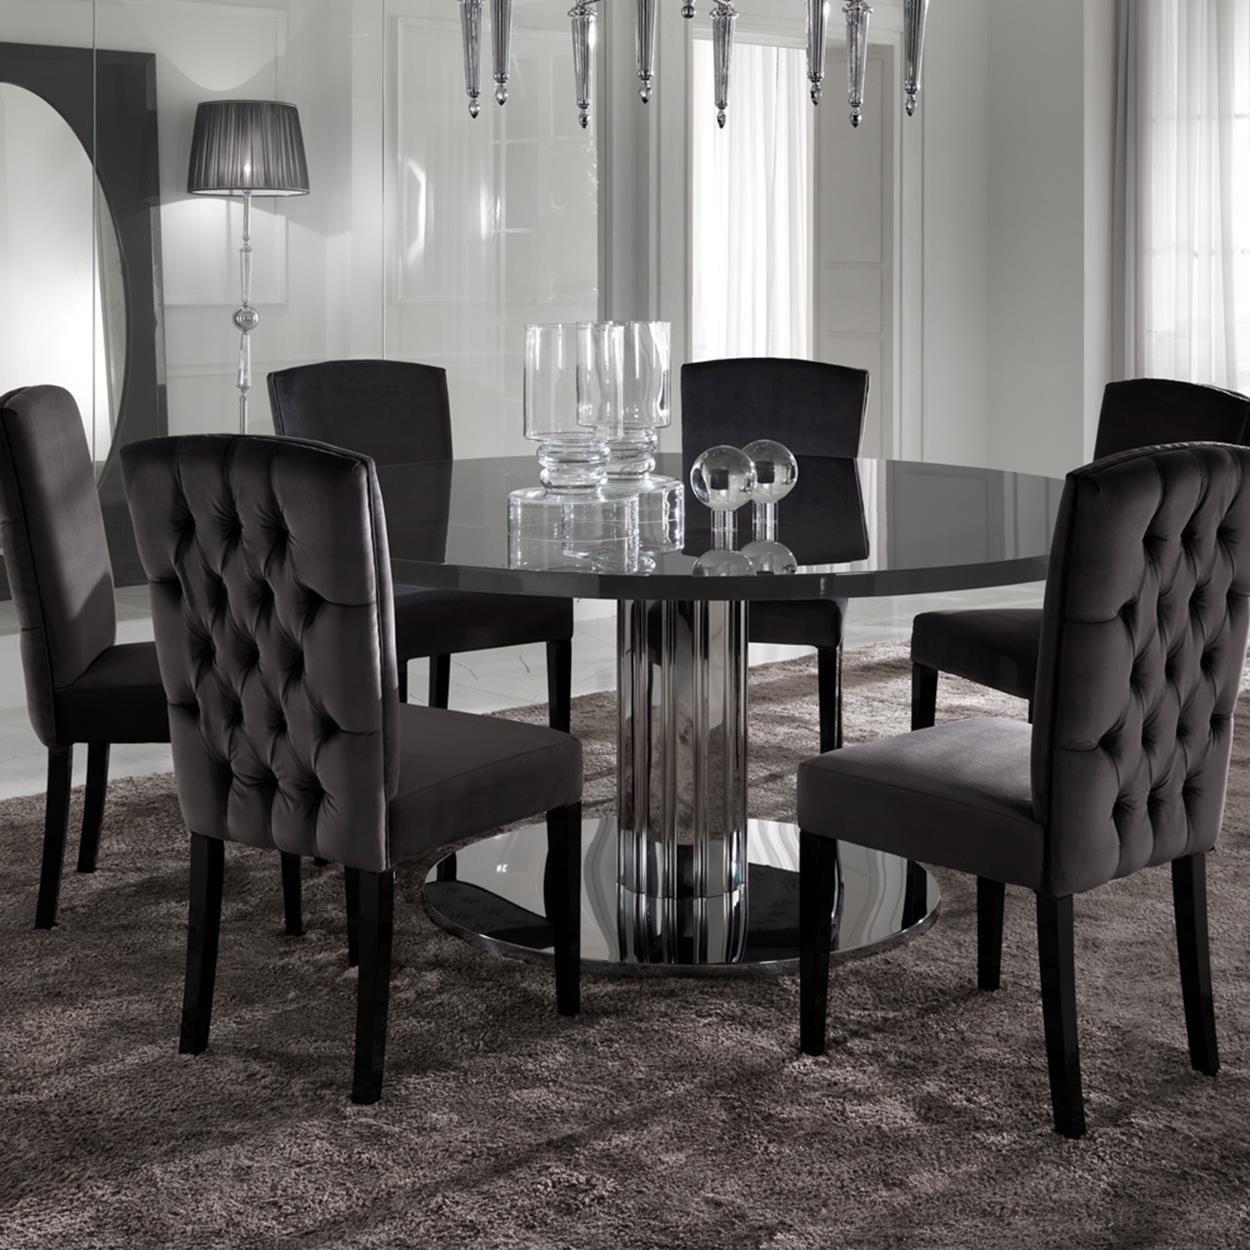 43 Luxury Modern Italian Dining Room Sets Ideas Decorecord Round Dining Table Round Dining Room Sets Round Dining Table Sets